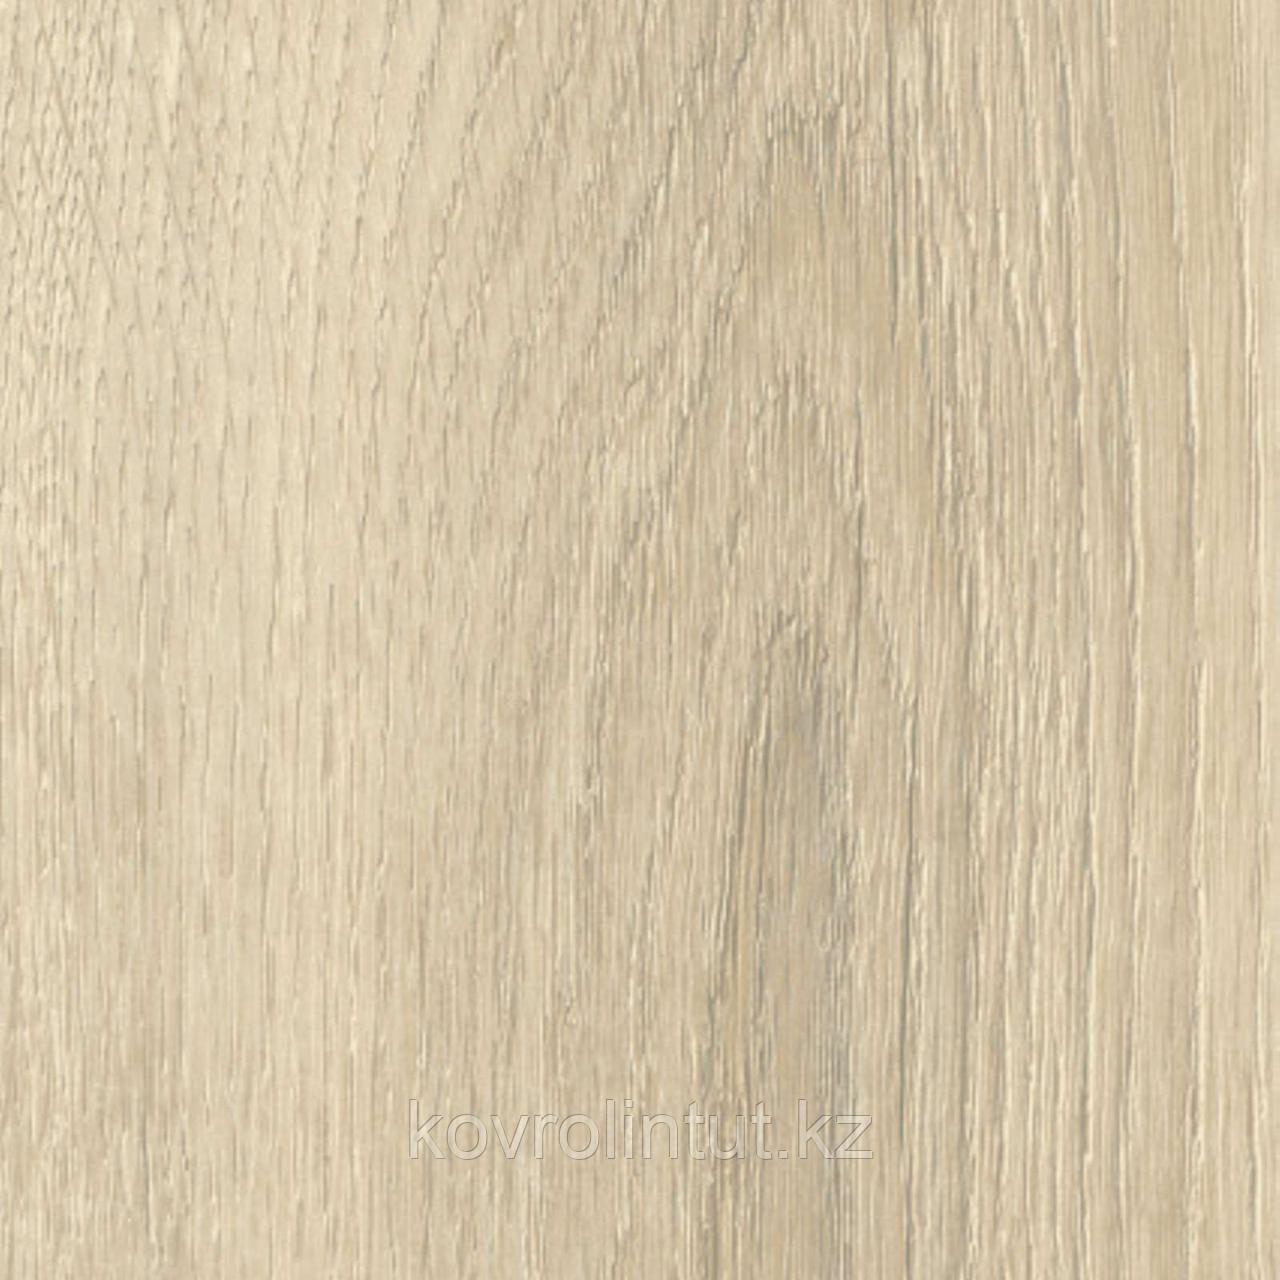 Плитка ПВХ клеевая IVC Primero Summer Oak 24137